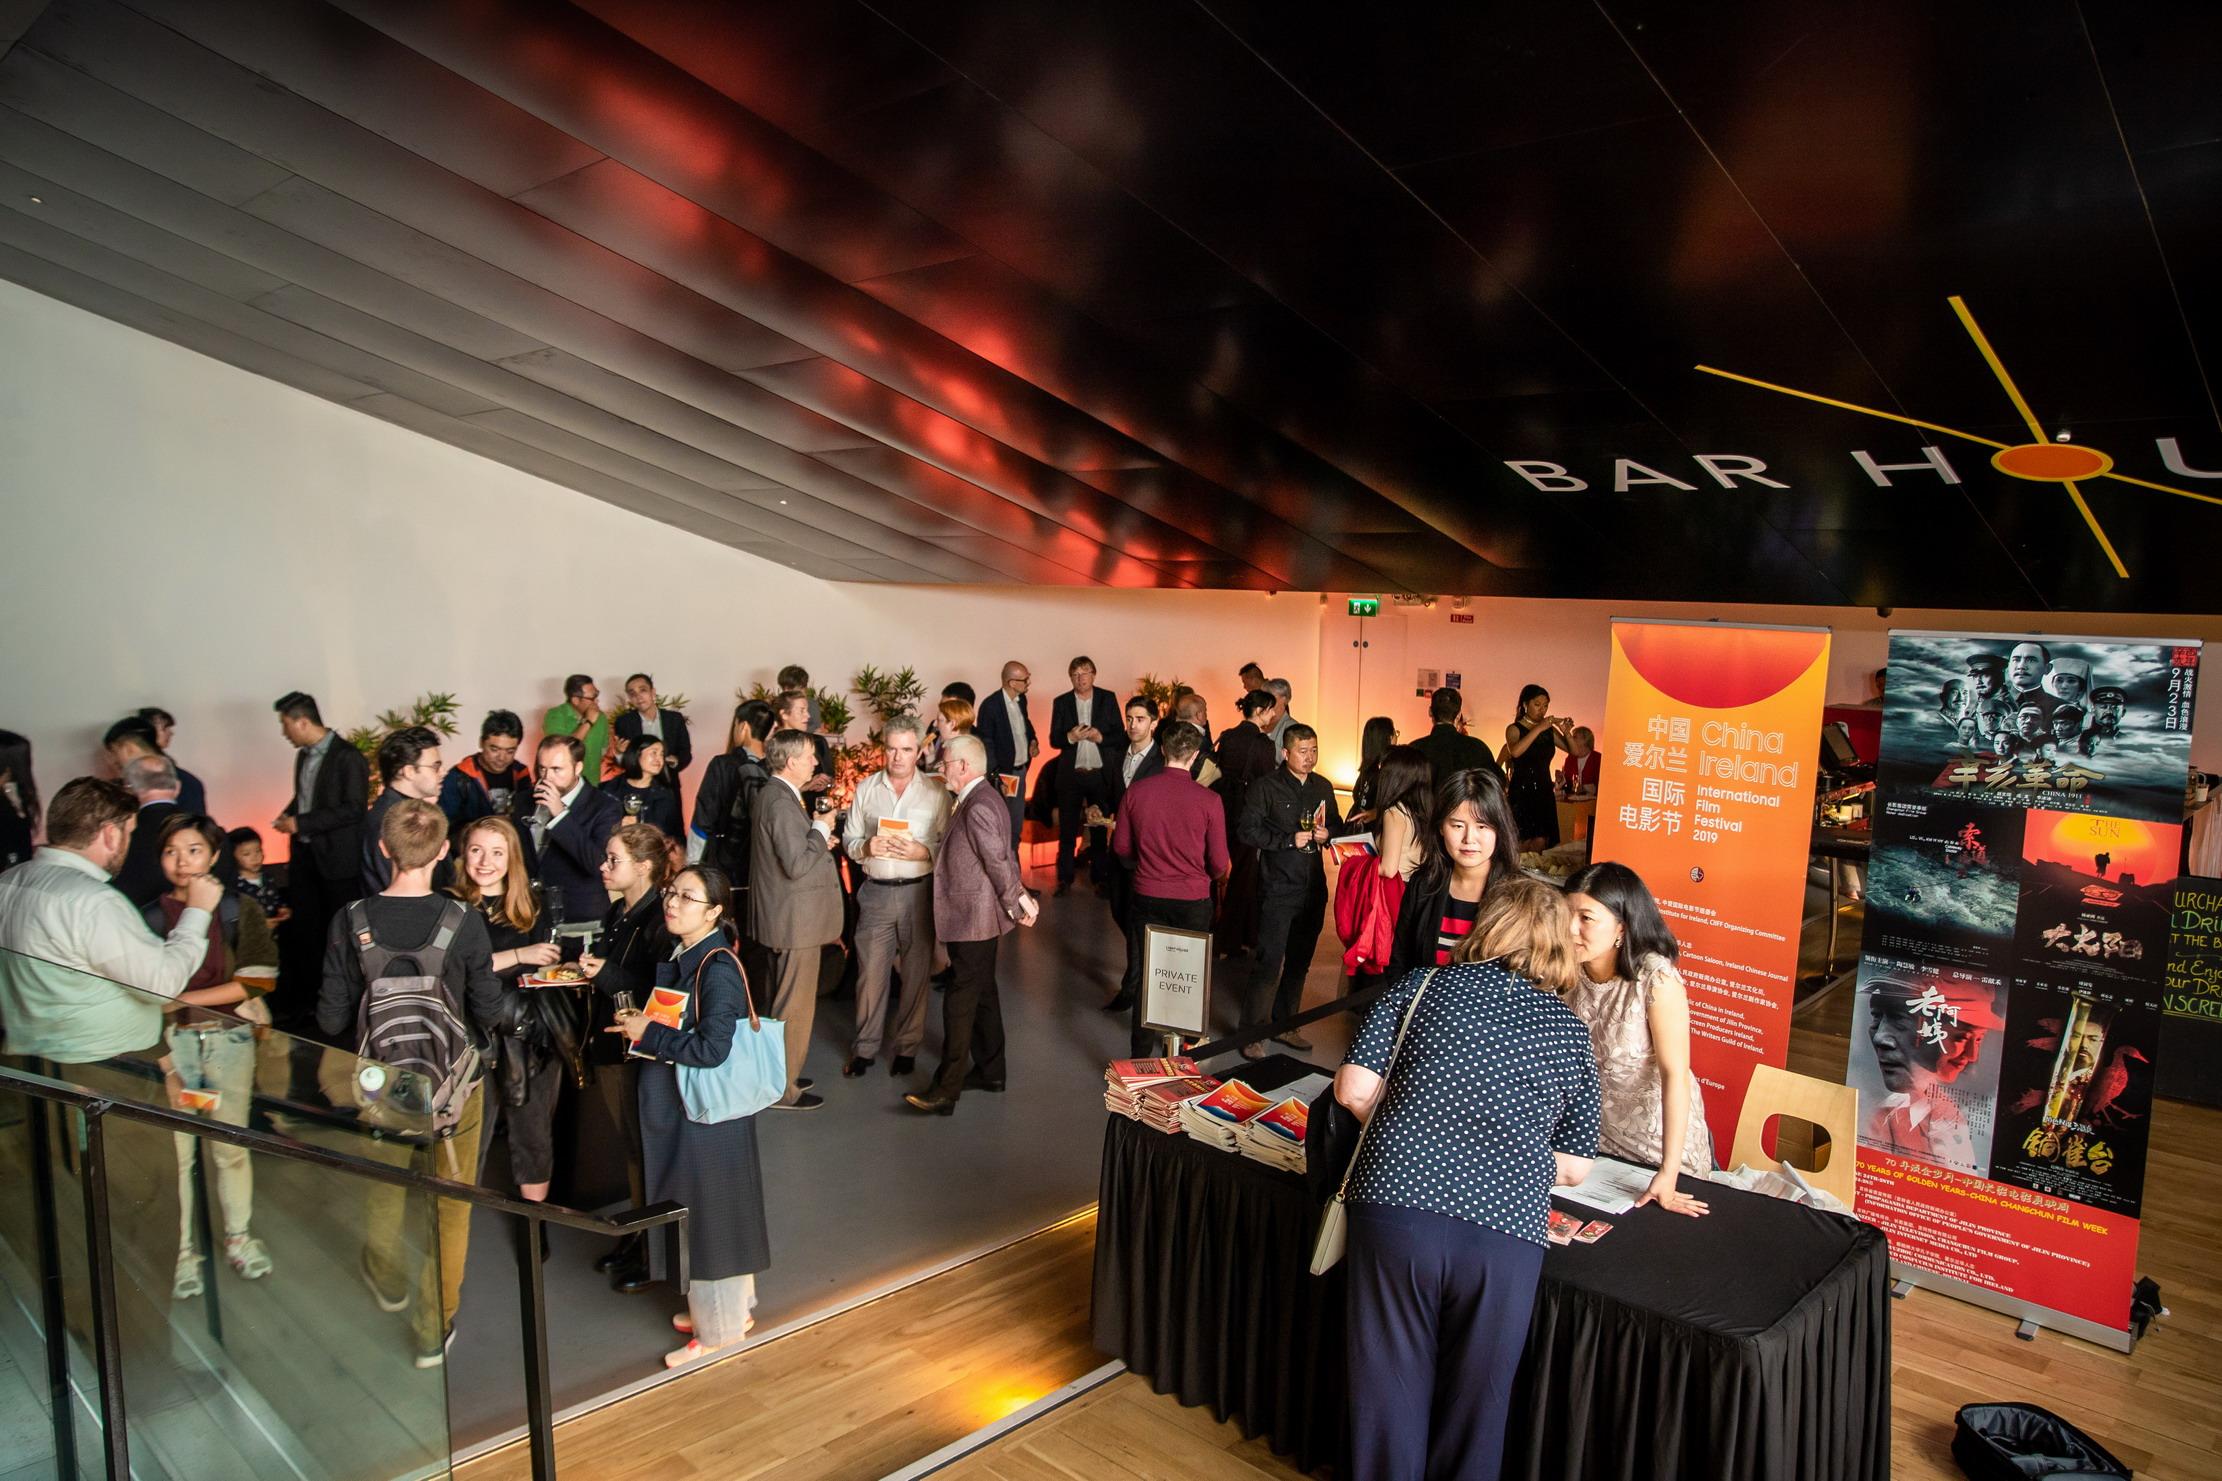 中国爱尔兰国际电影节暨中国长春电影周在都柏林举